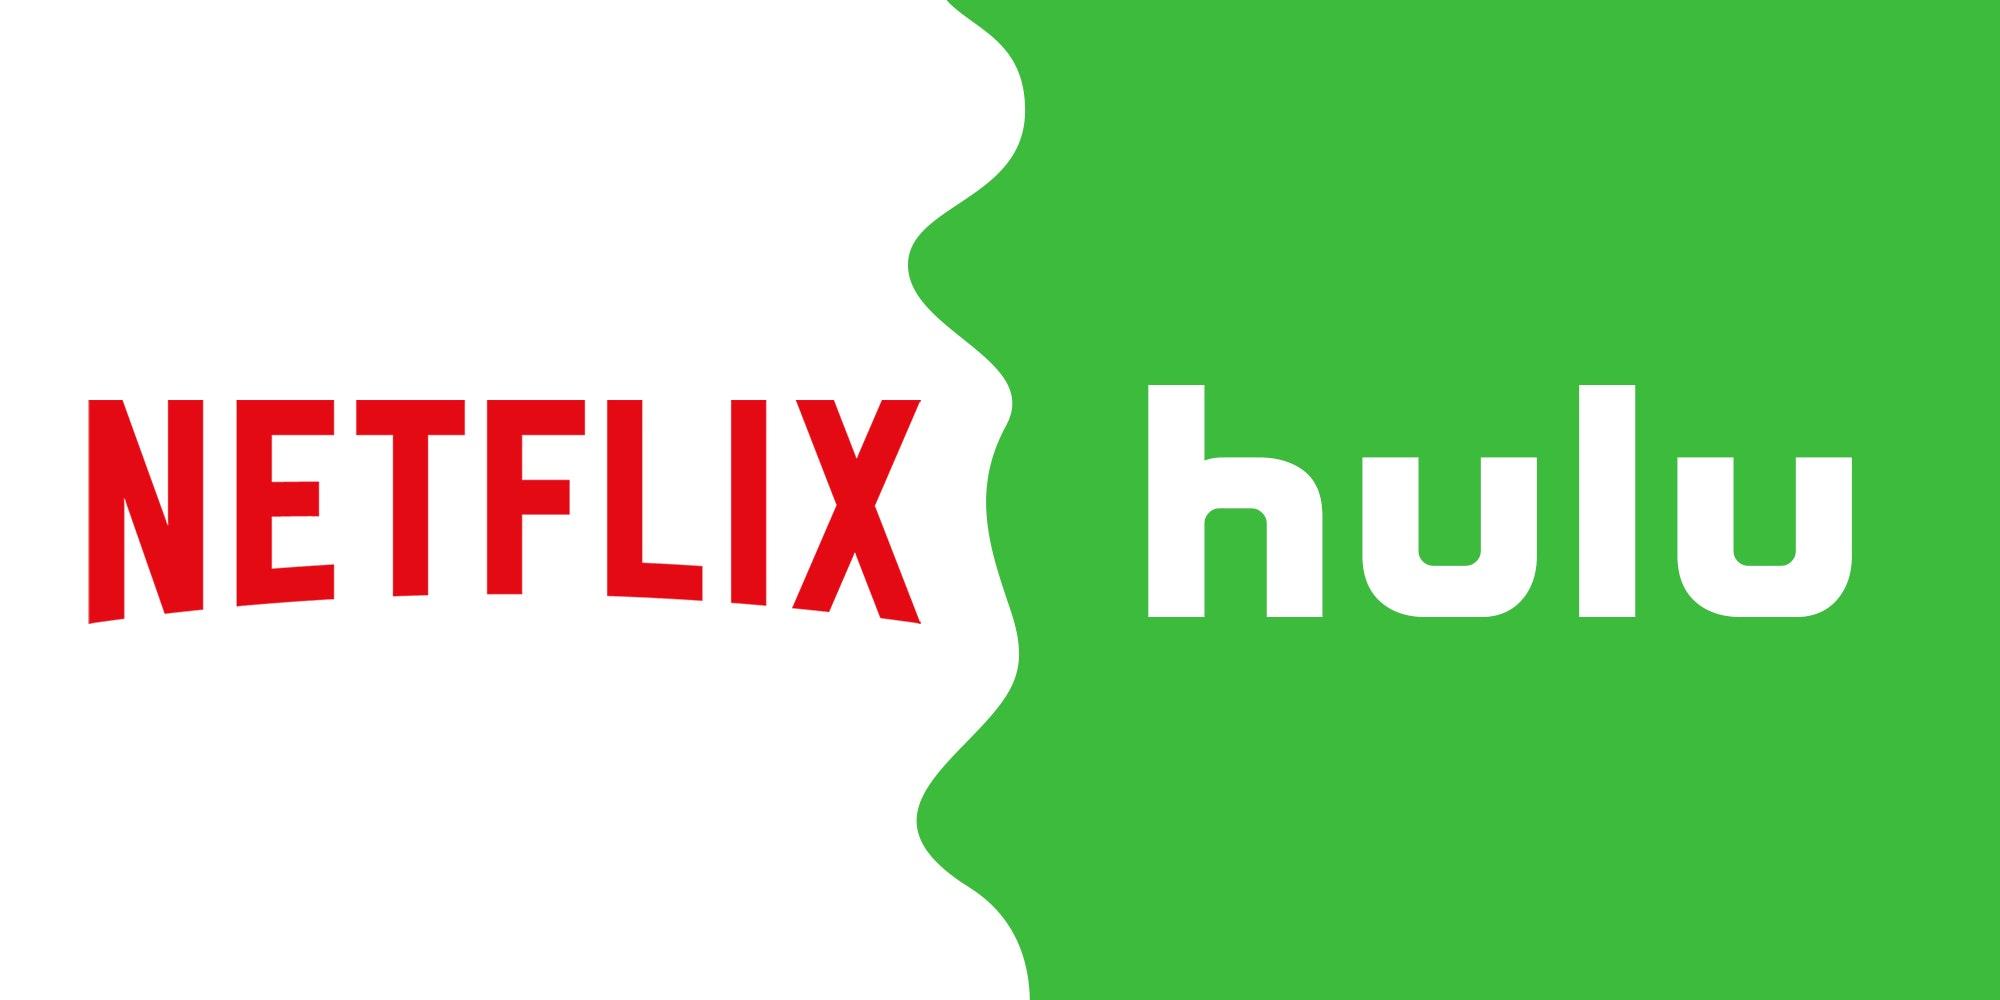 netflix vs hulu